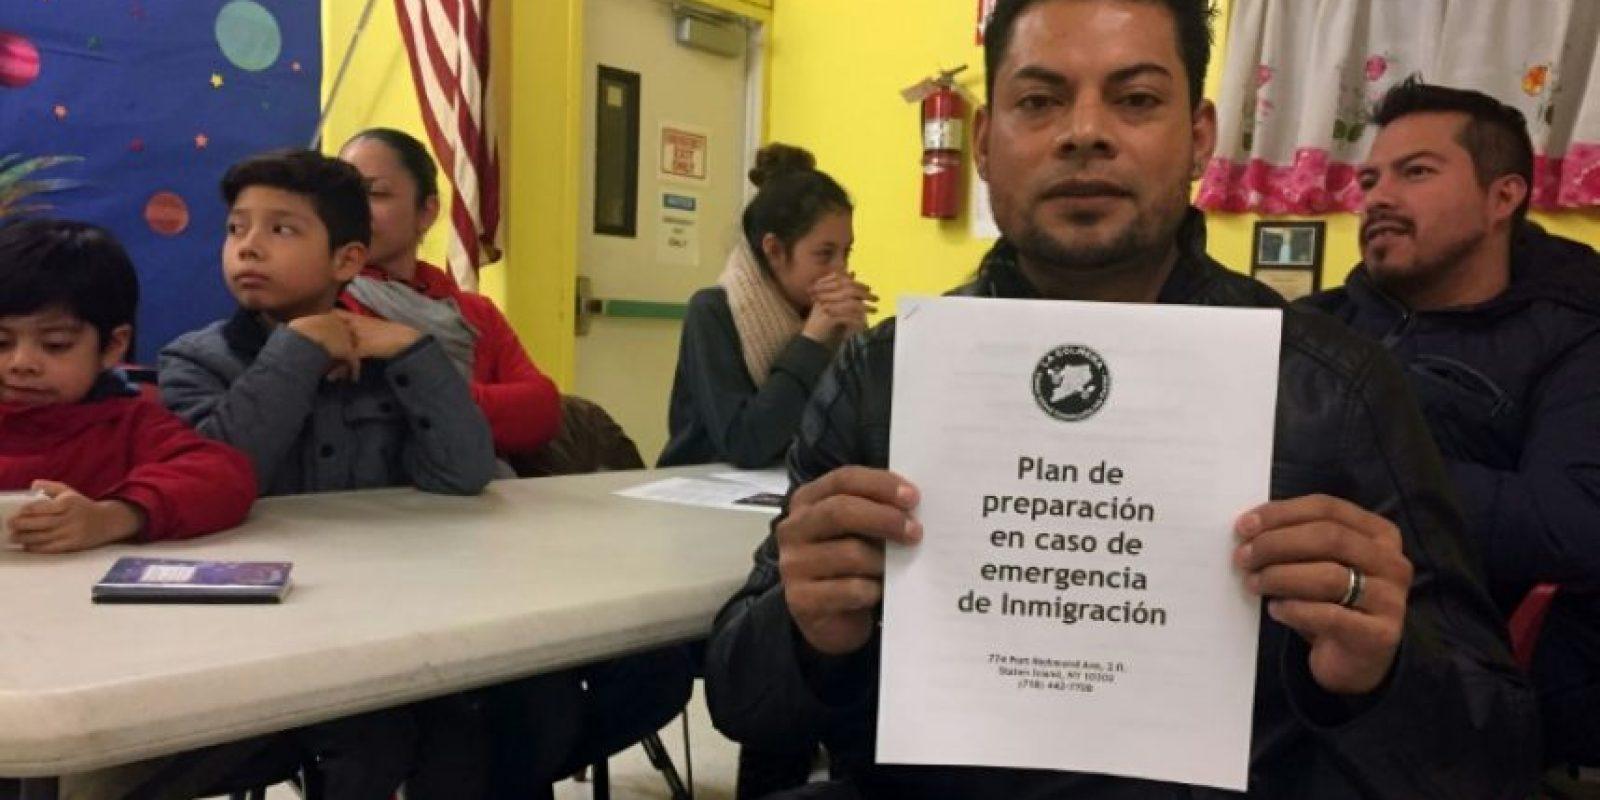 Jesús Morán, un obrero de la construcción mexicano, muestra el plan de emergencia durante una reunión de inmigrantes indocumentados en el centro comunitario La Colmena, en Staten Island, Nueva York, el 5 de diciembre de 2016 Foto:Laura Bonilla Cal/afp.com